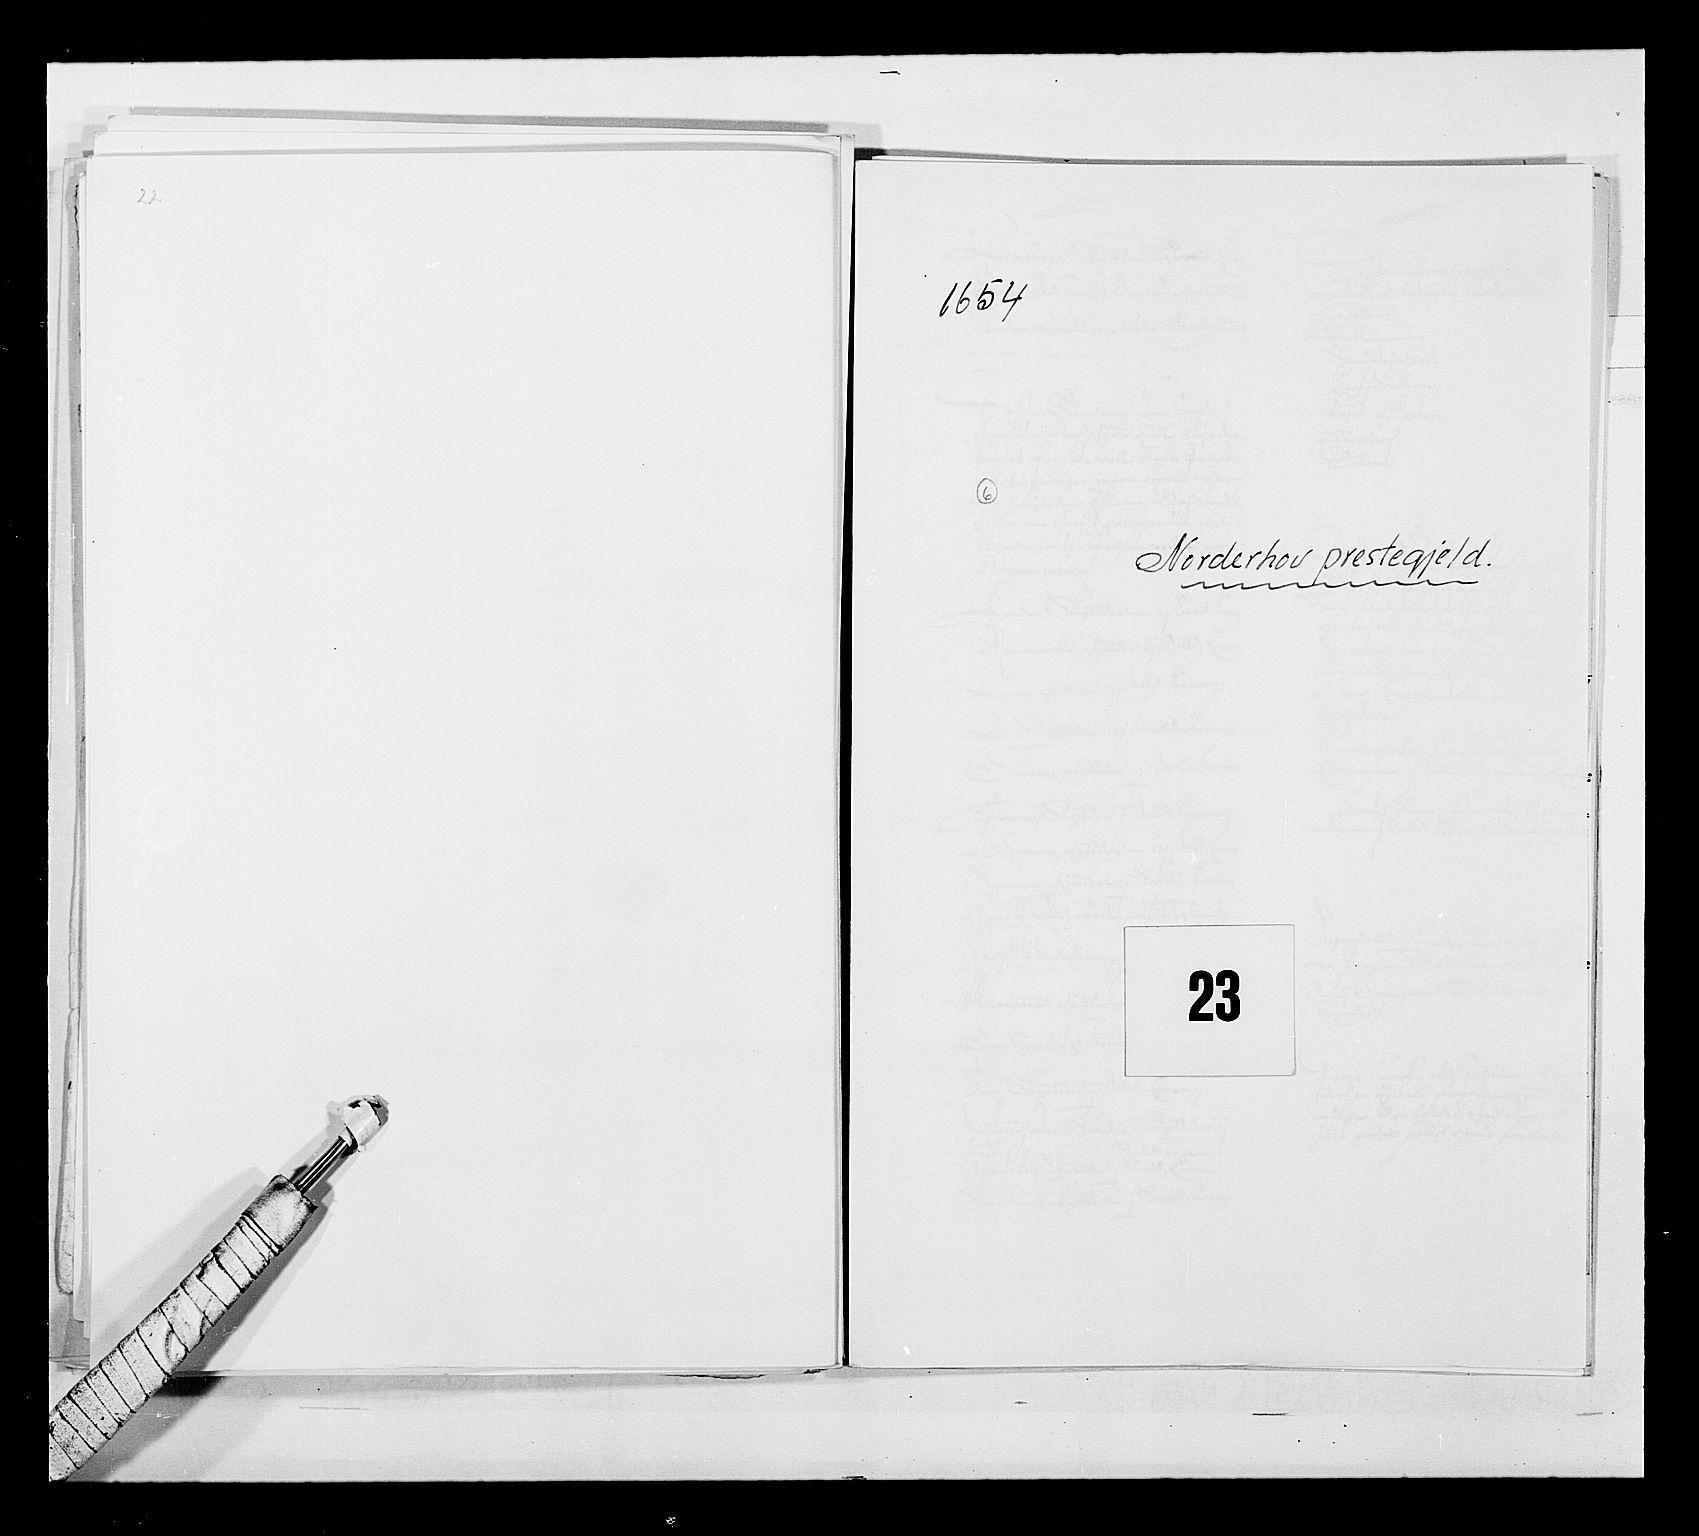 RA, Stattholderembetet 1572-1771, Ek/L0030: Jordebøker 1633-1658:, 1654, s. 98